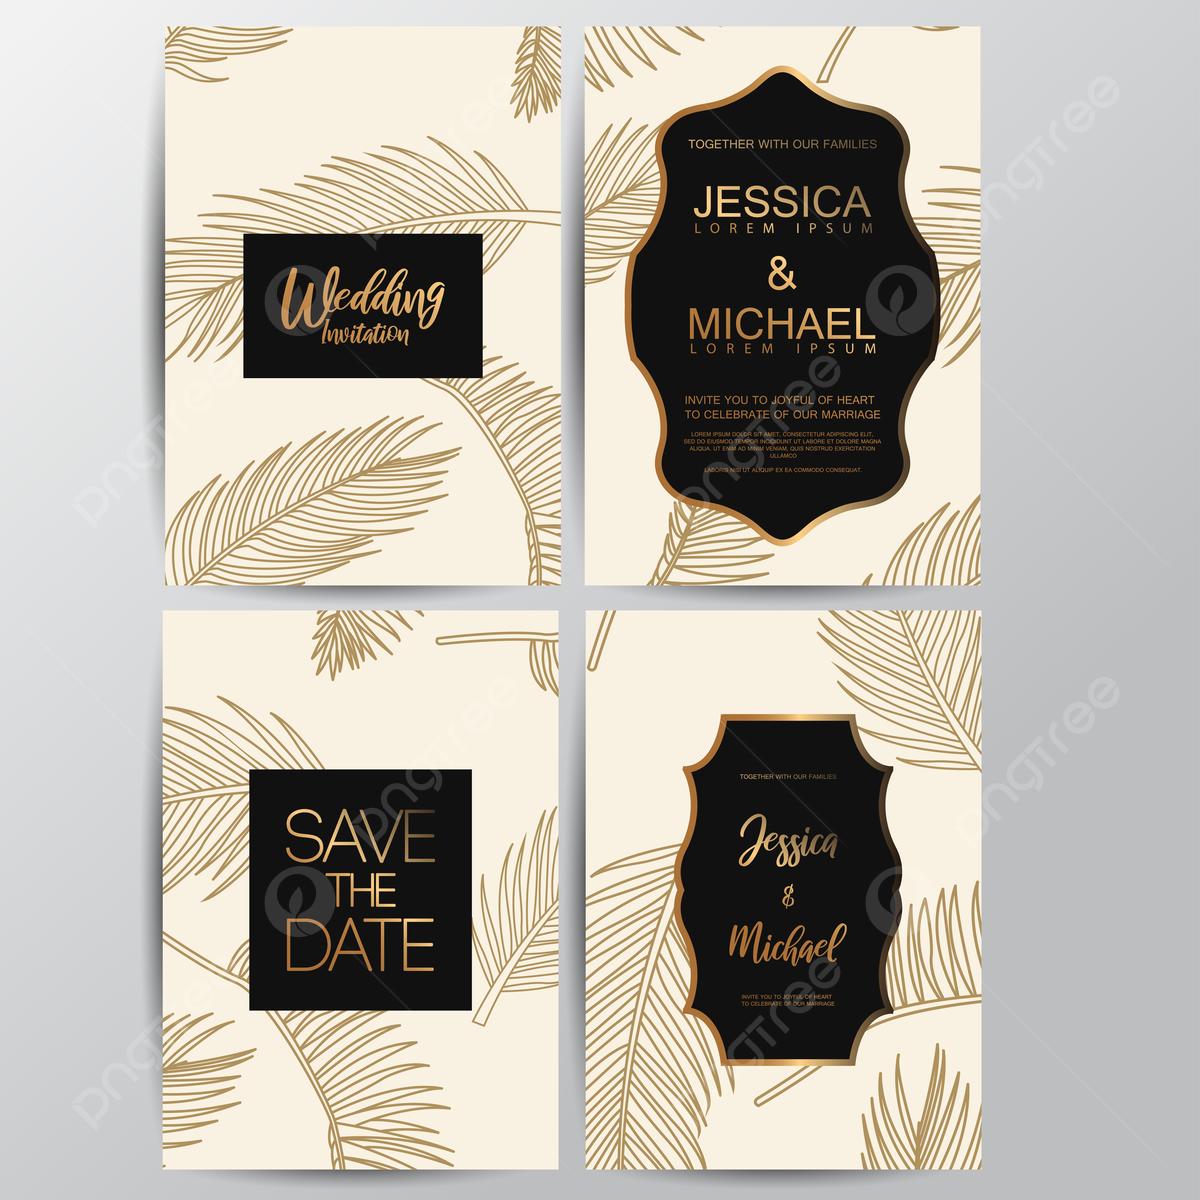 Kartu Undangan Pernikahan Mewah Premium Templat Untuk Unduh Gratis Di Pngtree